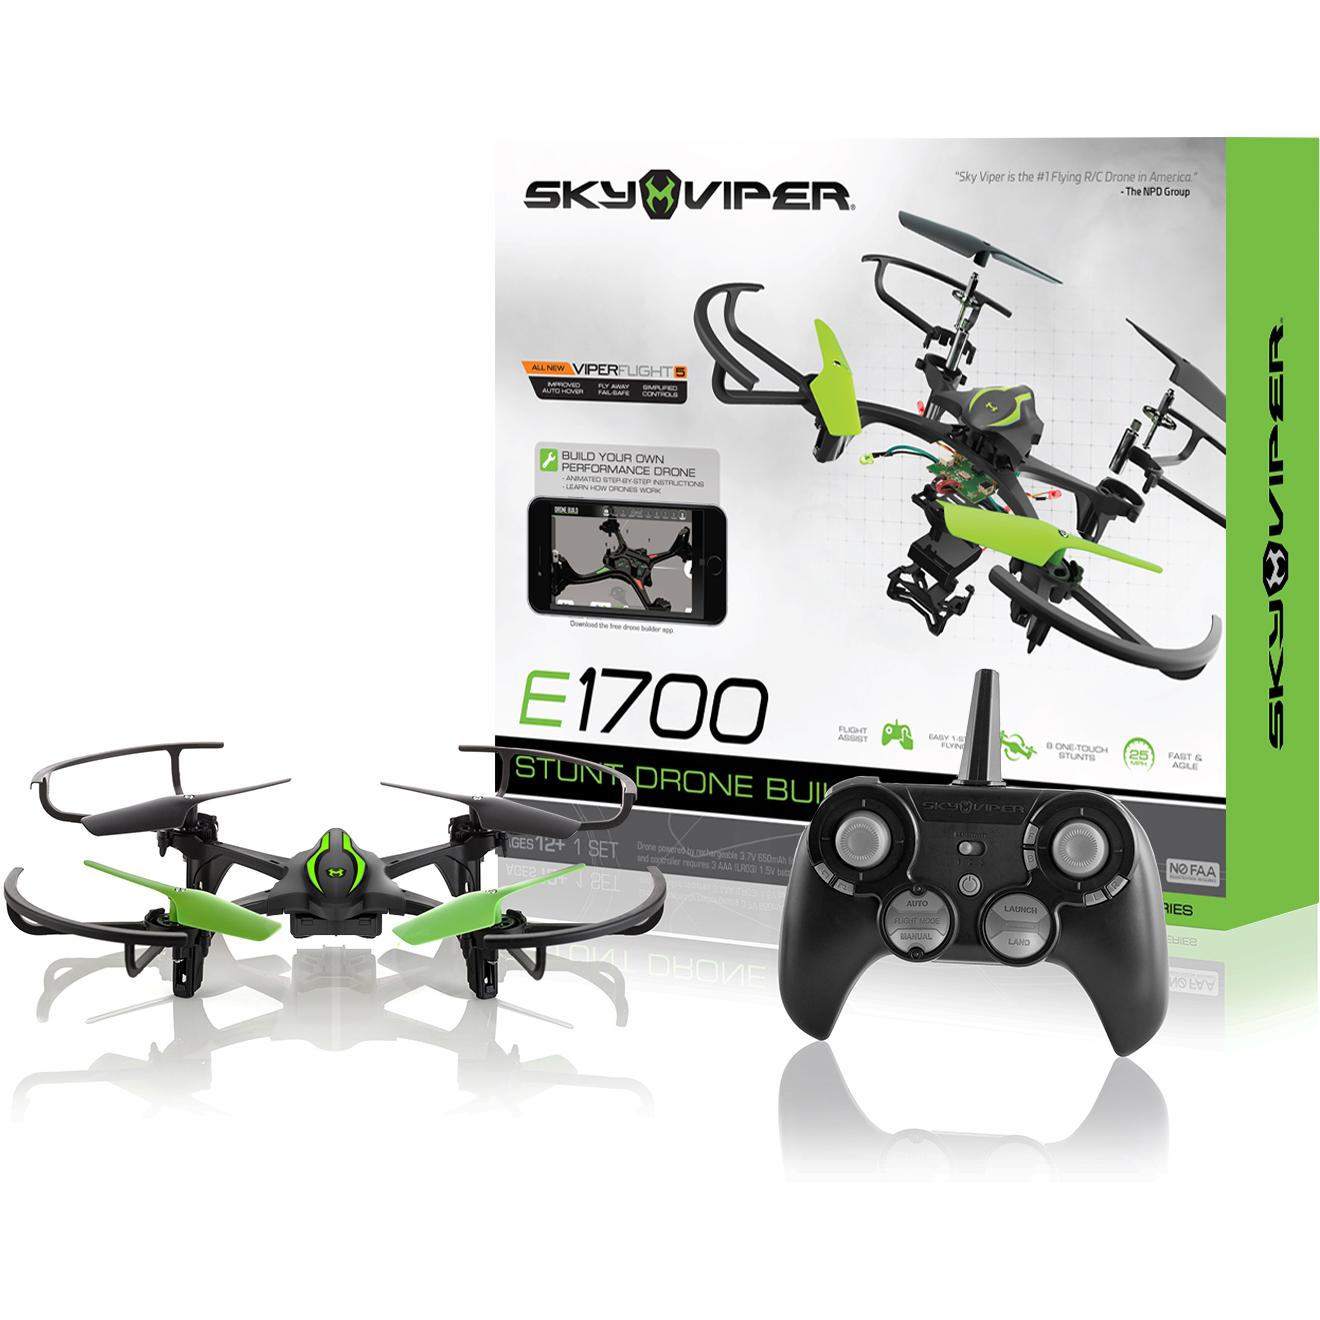 Sky Viper E1700 DIY Stunt Drone Builder (Do It Yourself)